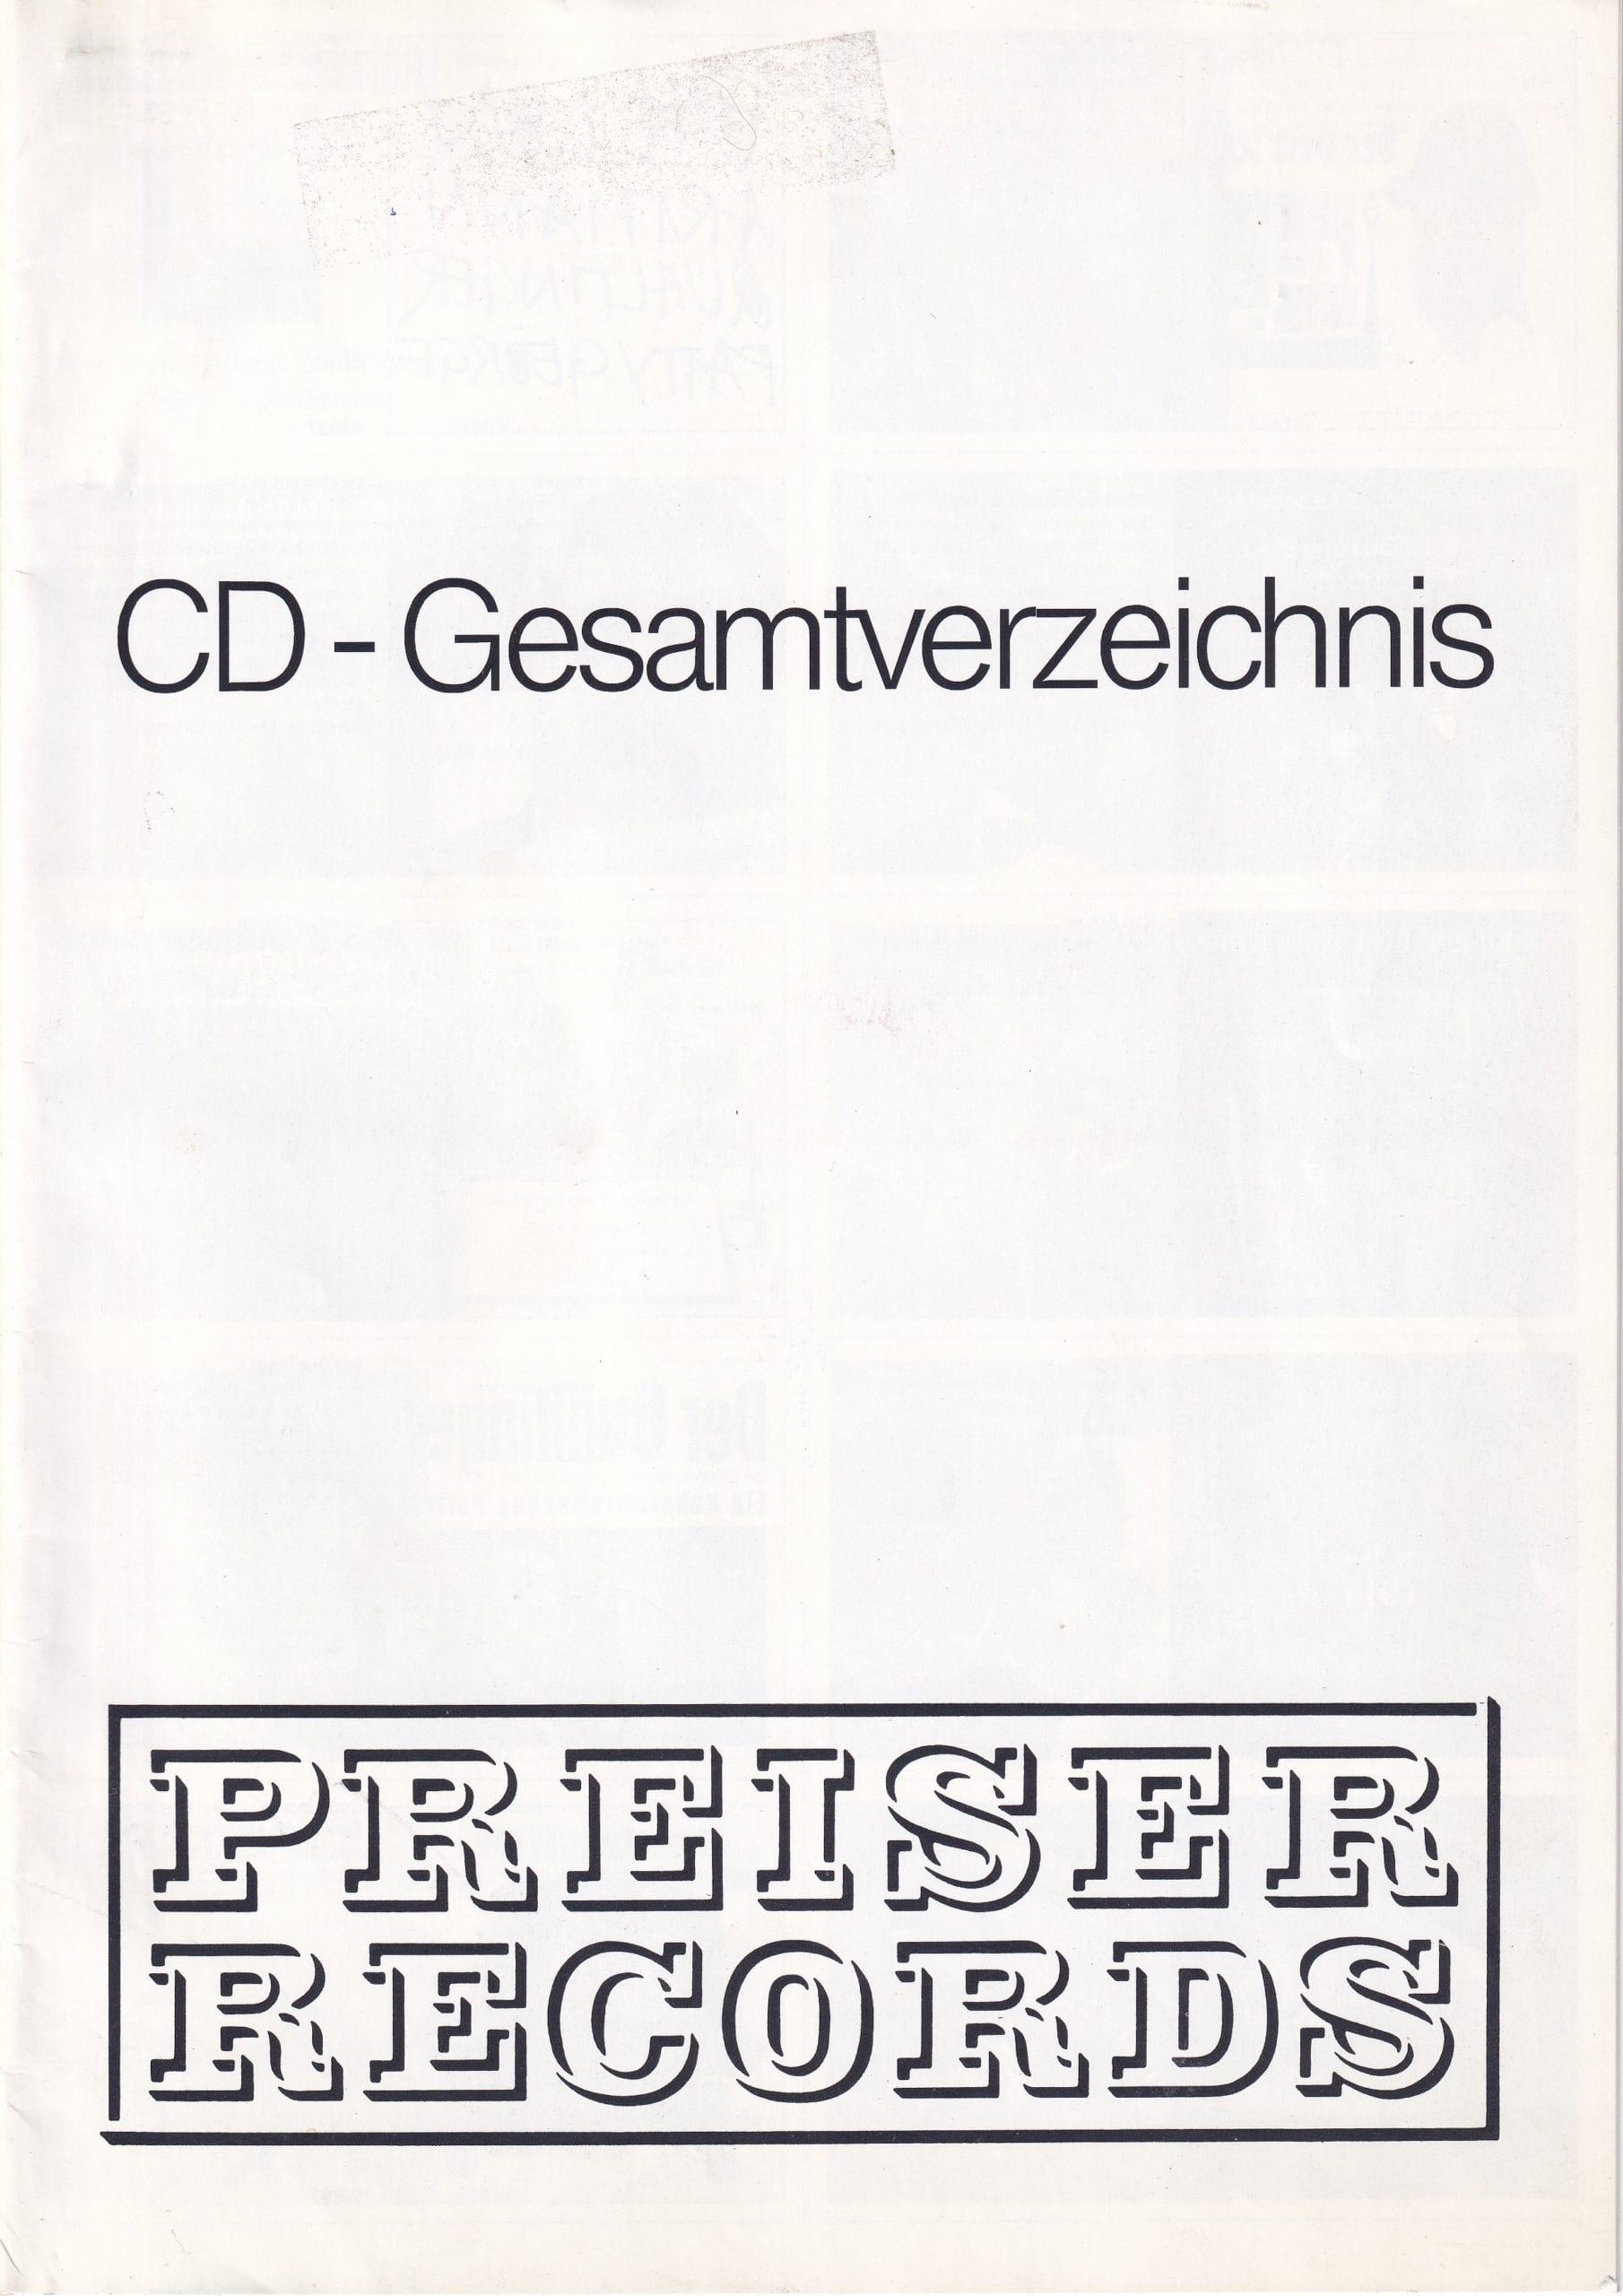 CD-Gesamtverzeichnis – 1